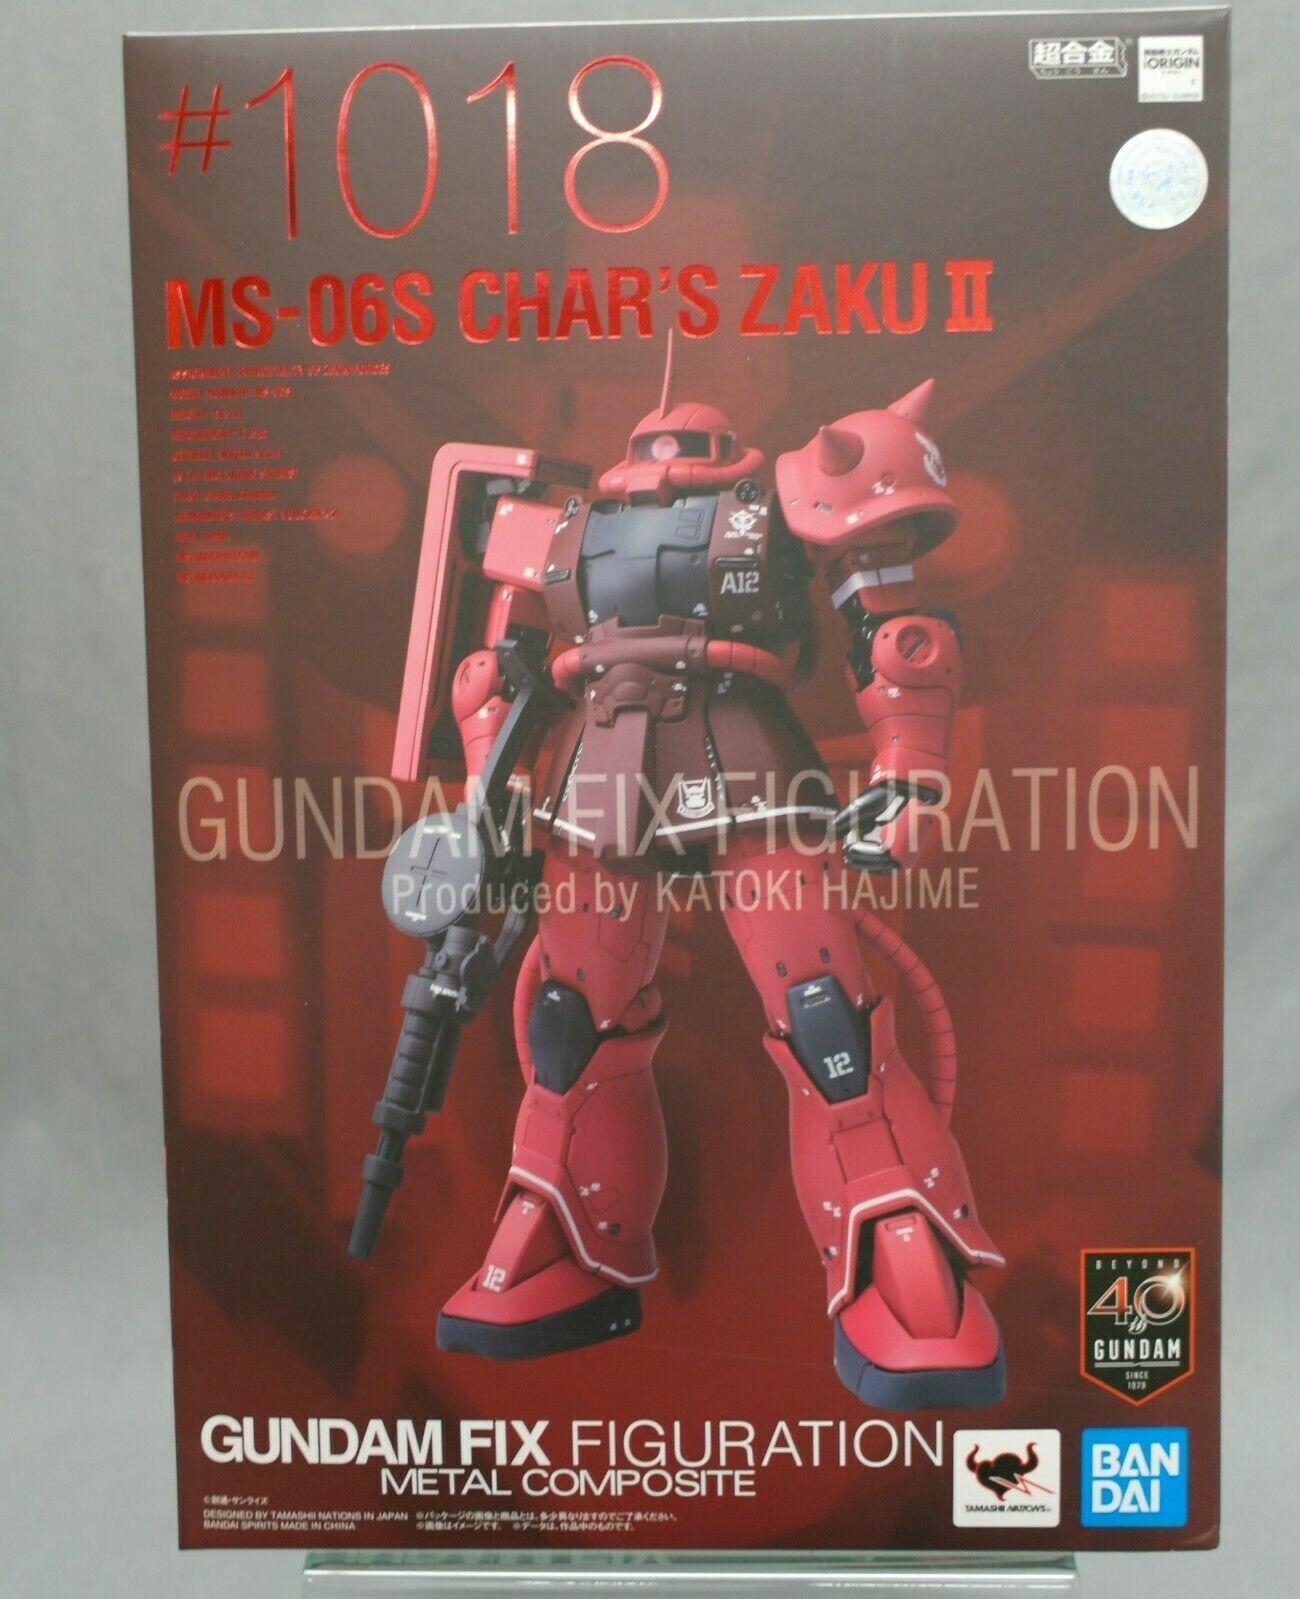 GUNDAM FIX cifraTION METAL COMPOSITE  MS-06S Char's Zaku II Beai Spirits nuovo c  le migliori marche vendono a buon mercato